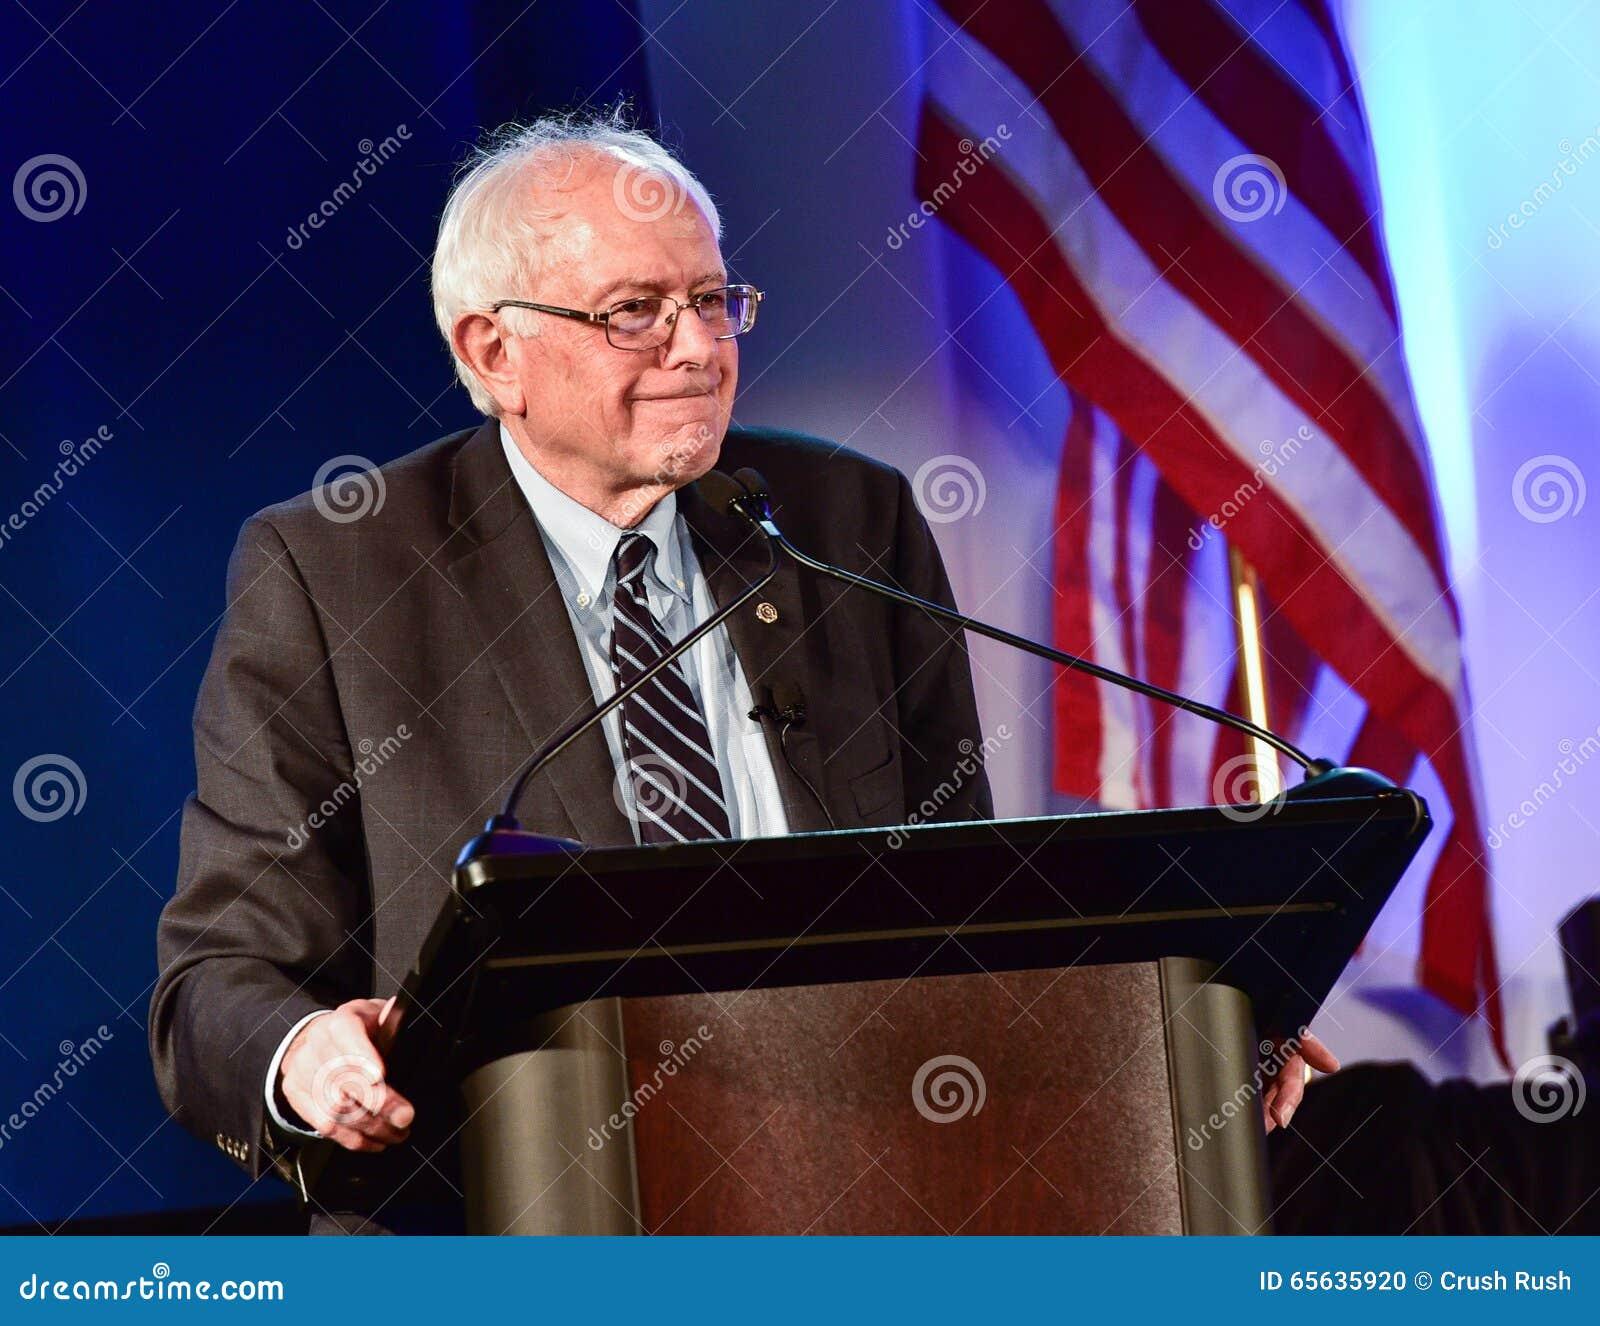 Bernie Sanders - Allen University